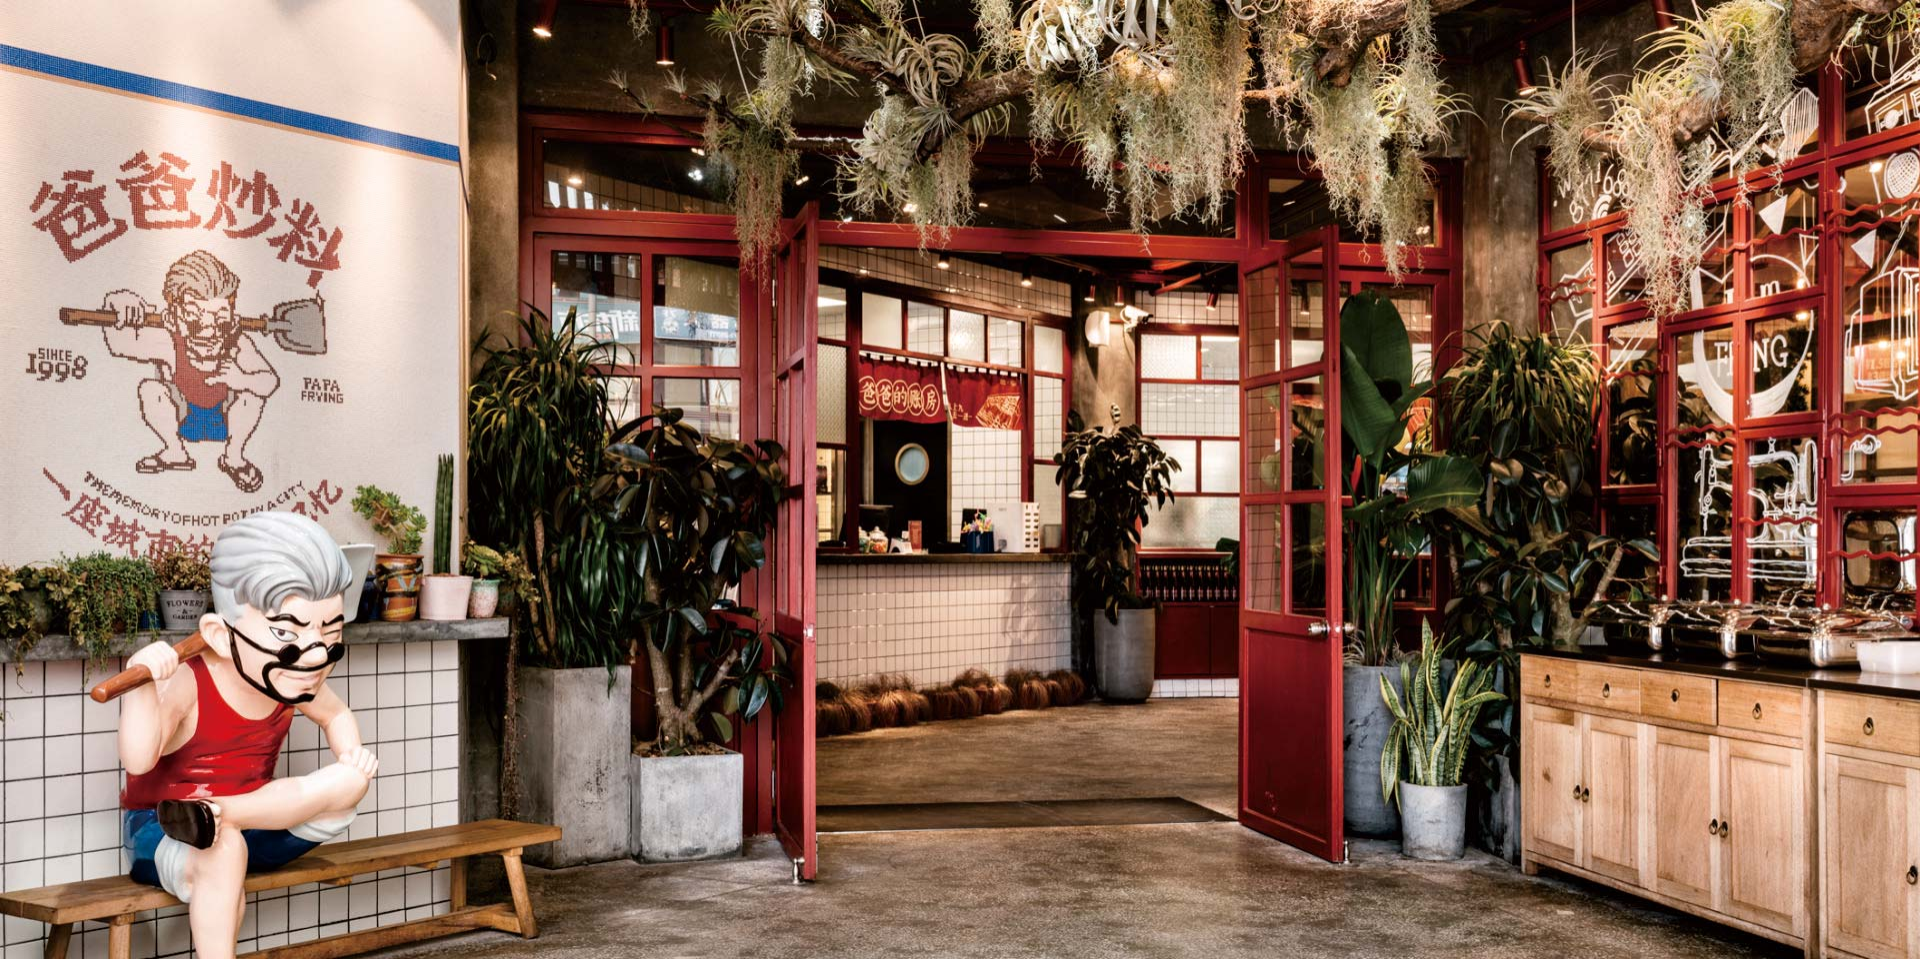 在重庆开一家火锅加盟店的前期准备有哪些?